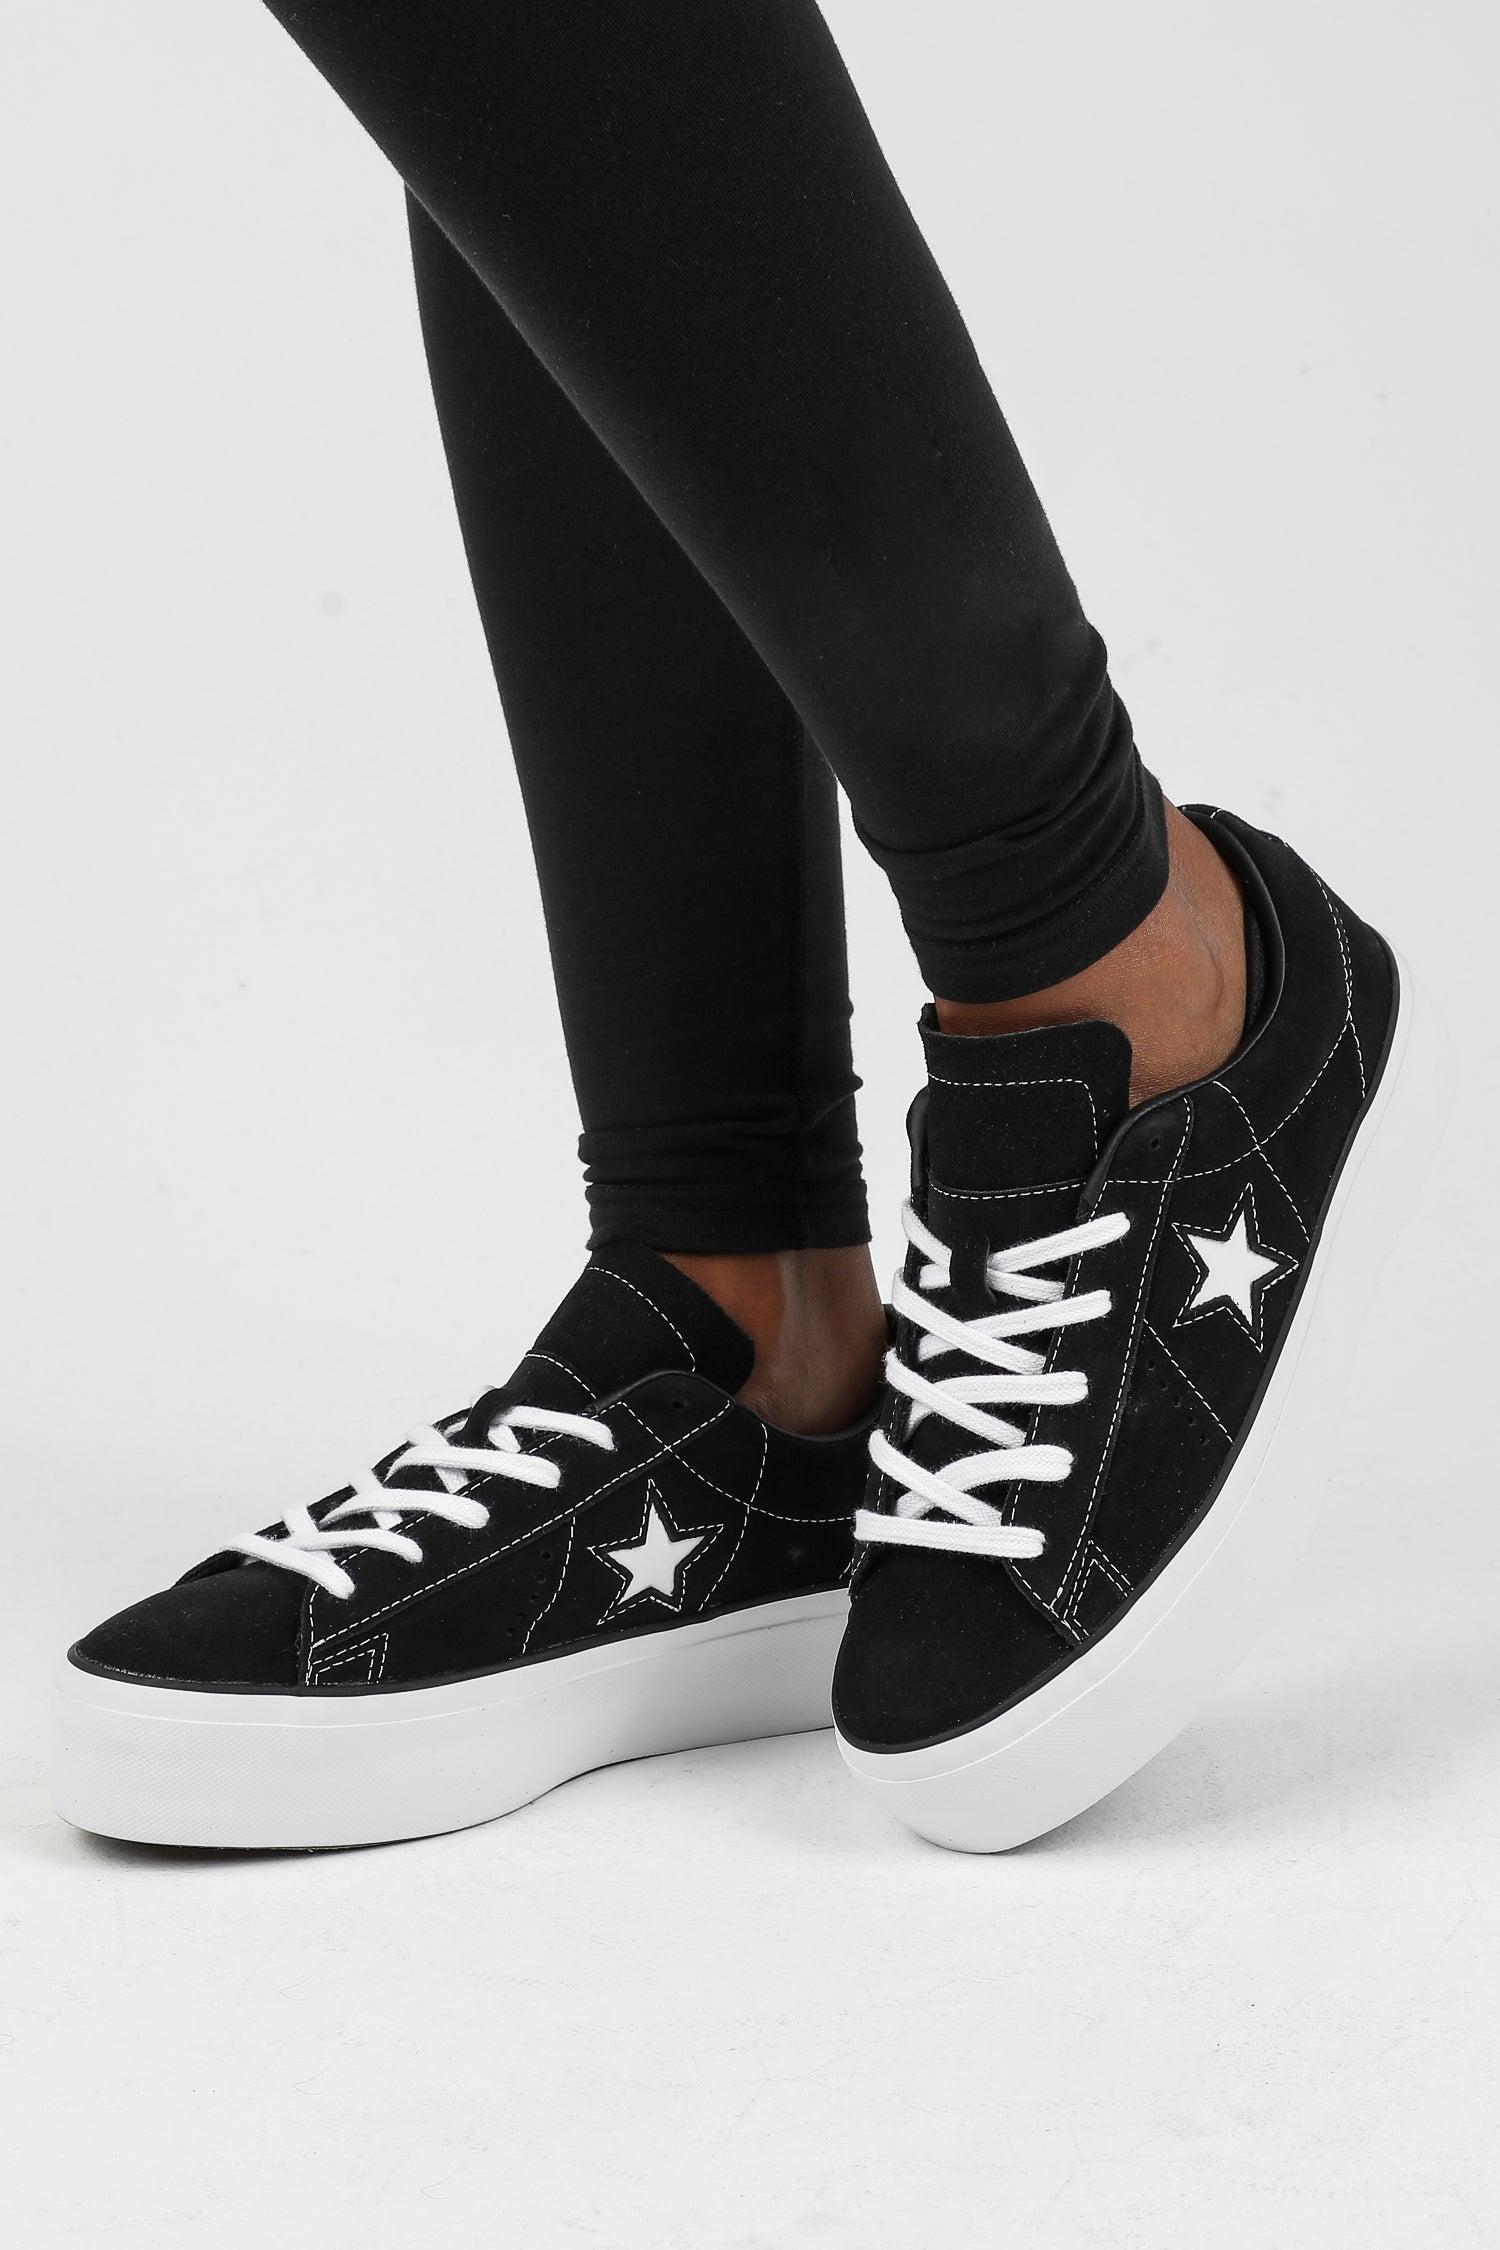 Converse One Star Platform Sneakers $124 Buy Online